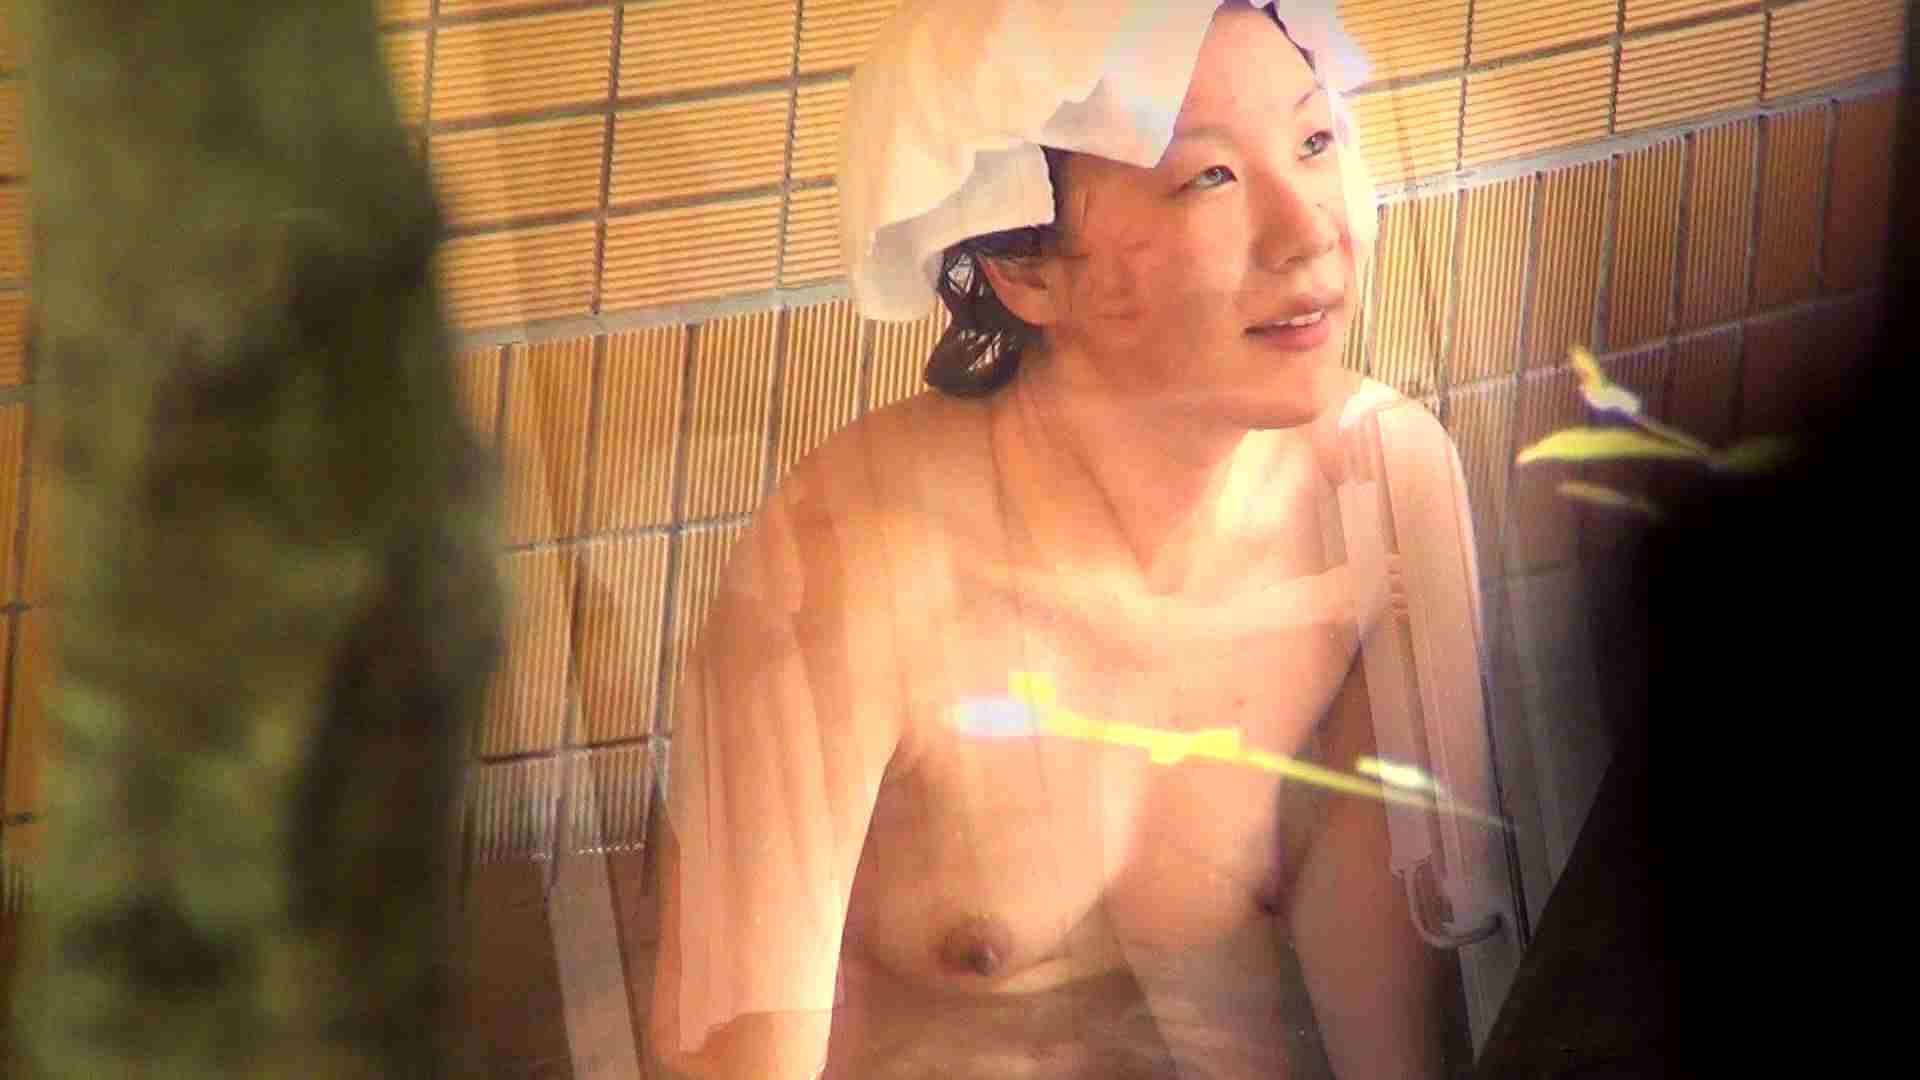 Aquaな露天風呂Vol.292 美しいOLの裸体   盗撮師作品  81pic 52